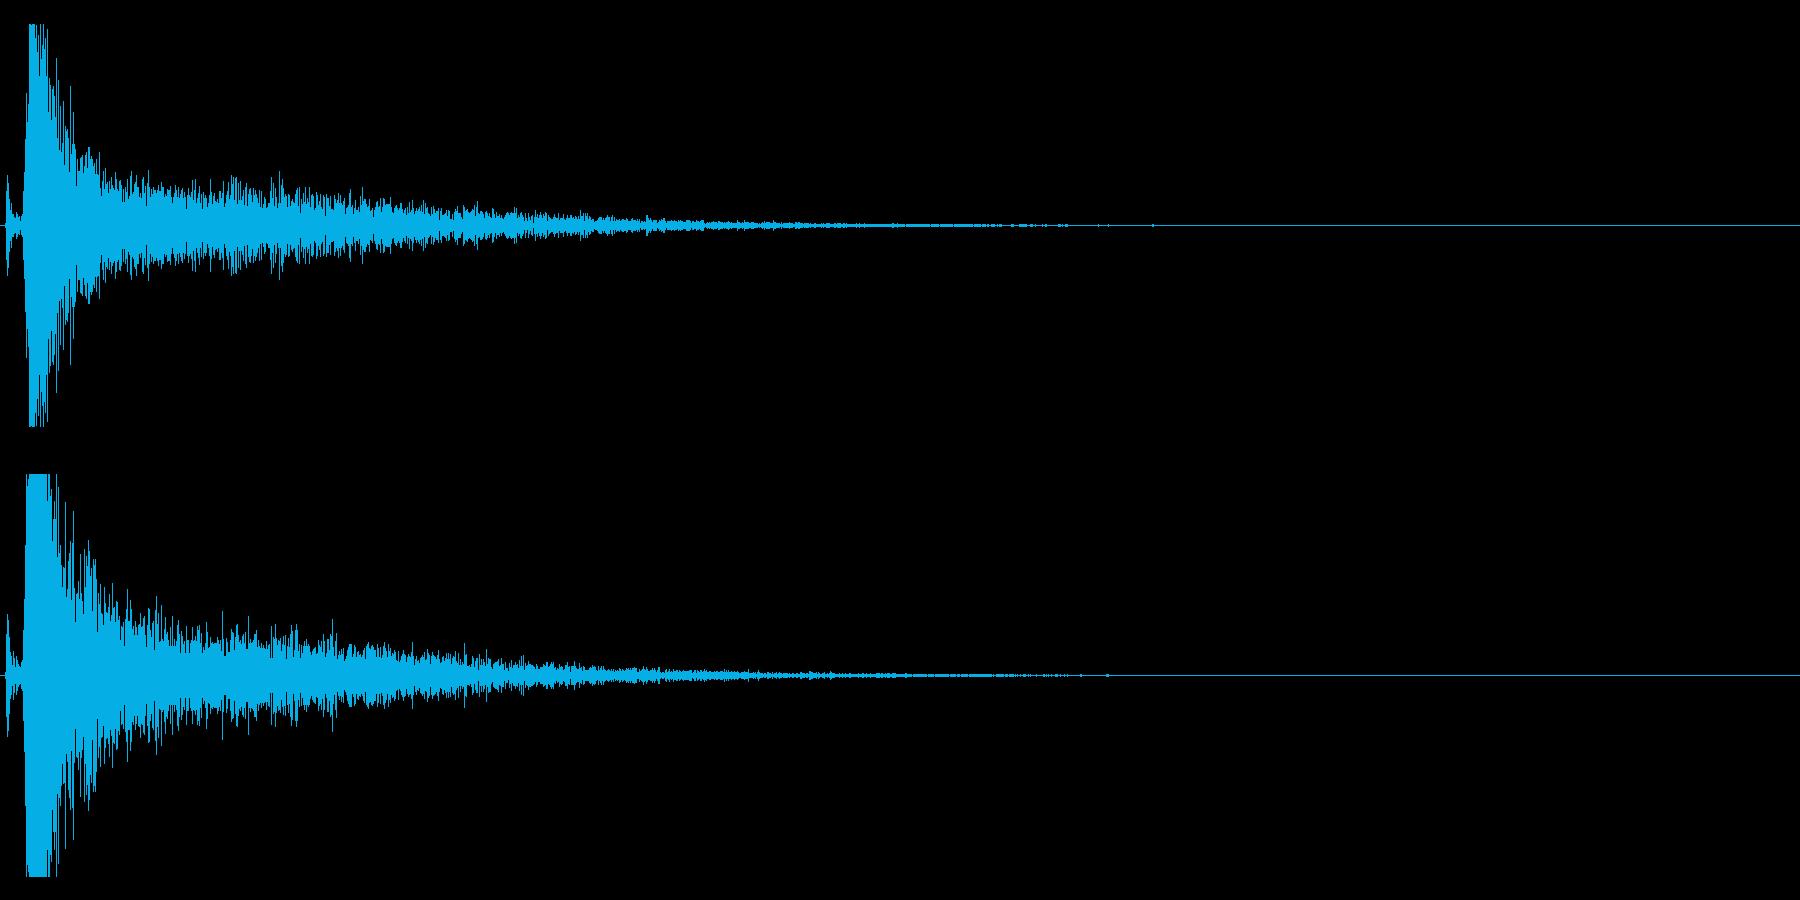 【生録音】側溝の金属の蓋を踏みつける音の再生済みの波形